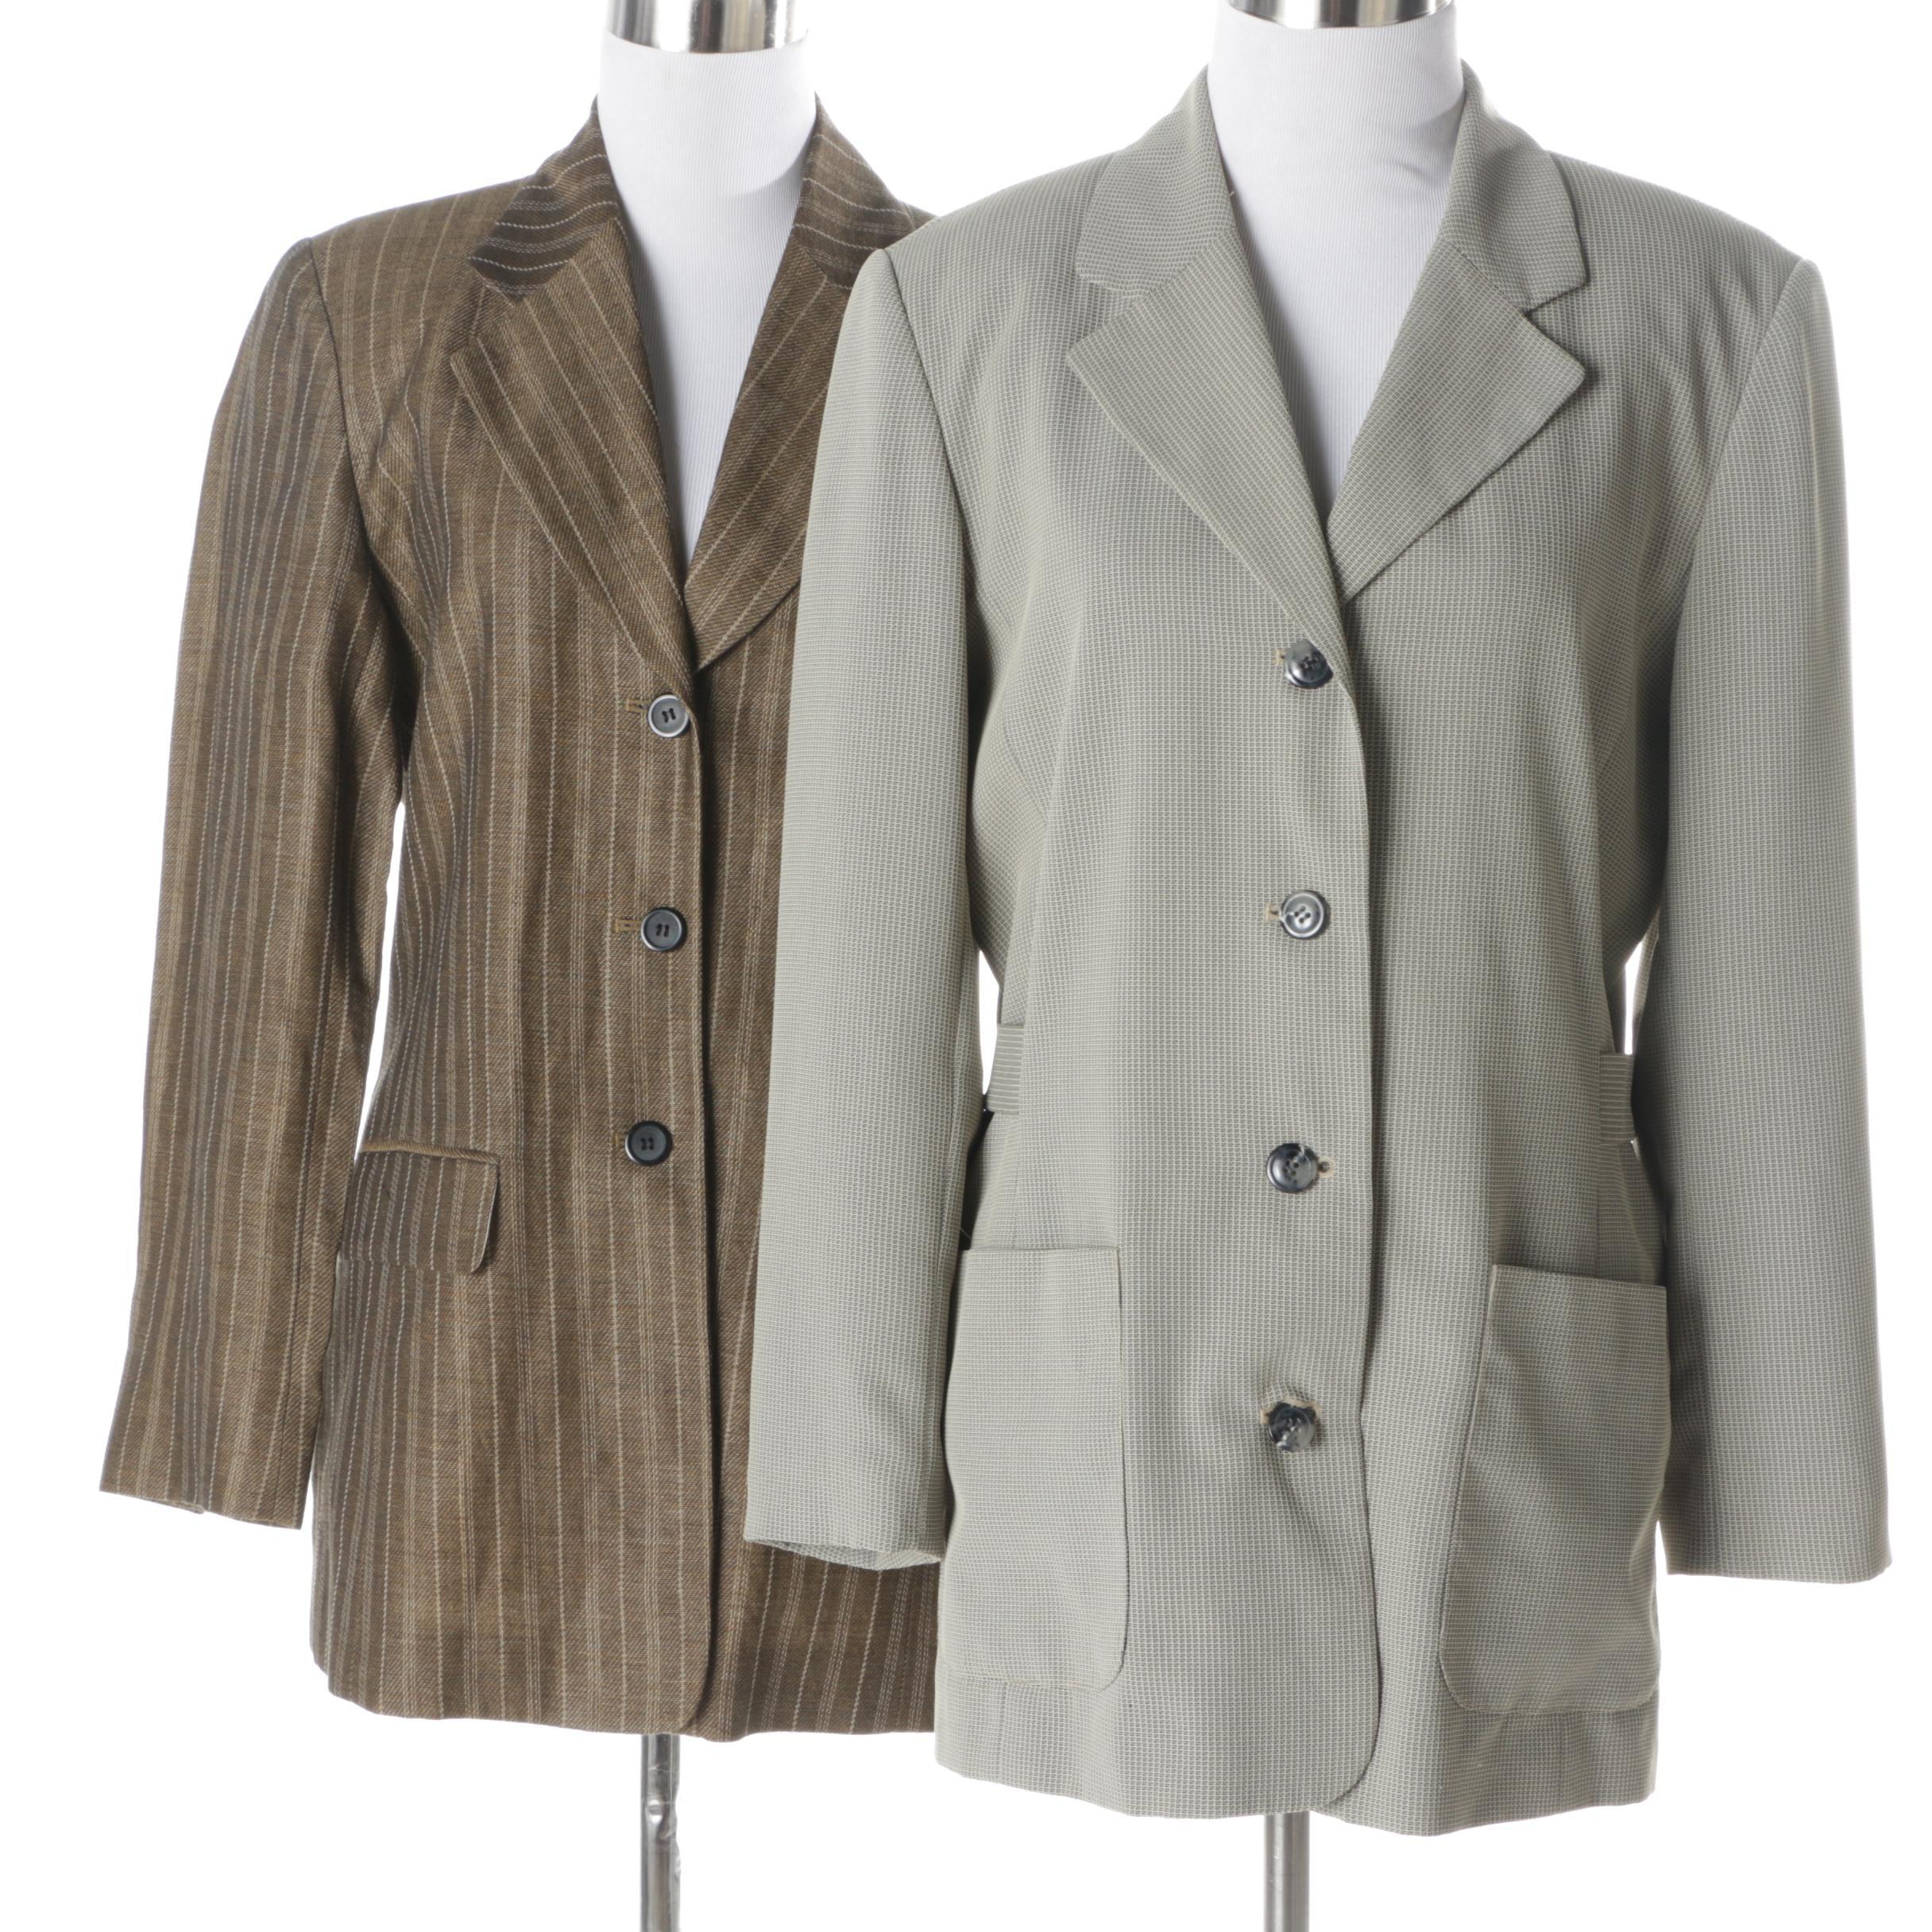 Women's Halston and Mary McFadden Jackets